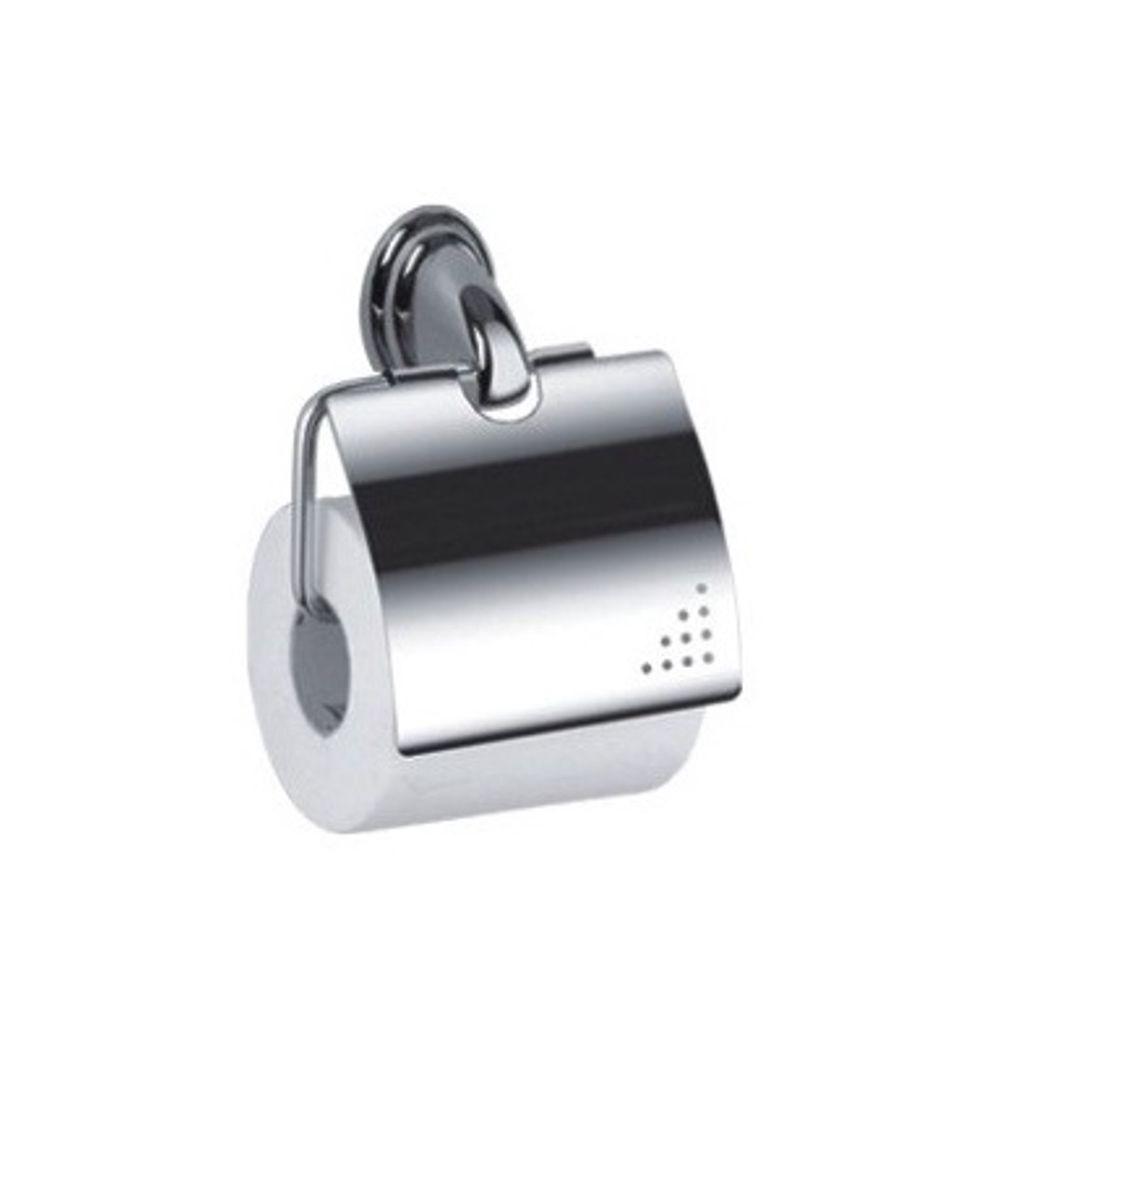 Держатель для туалетной бумаги Vanstore Овал, с крышкой, 12 х 11 х 5 см держатель для туалетной бумаги wonder worker hold цвет серый металлик 15 5 x 13 5 x 5 4 см